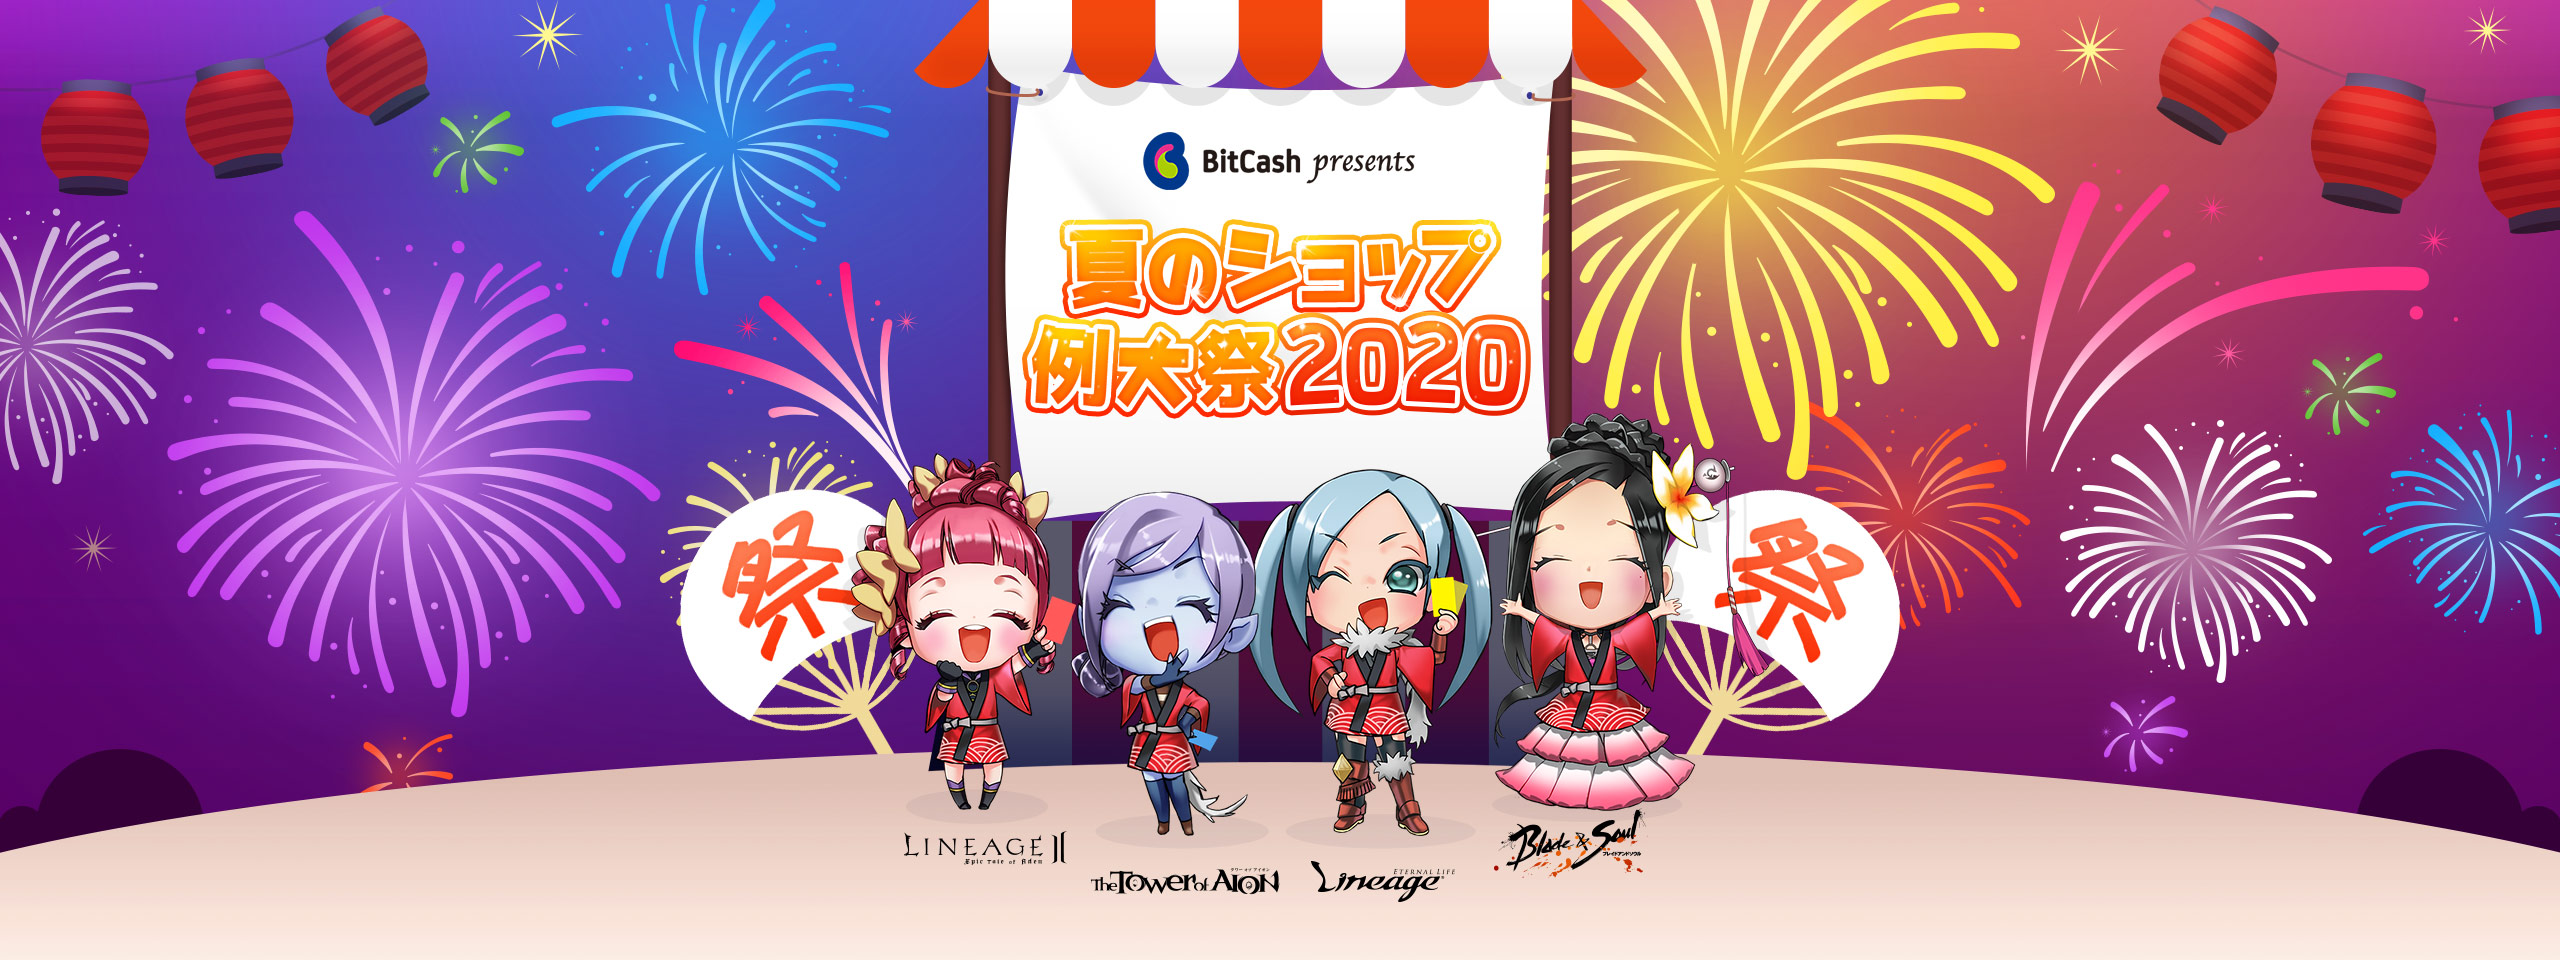 夏のショップ例大祭2020